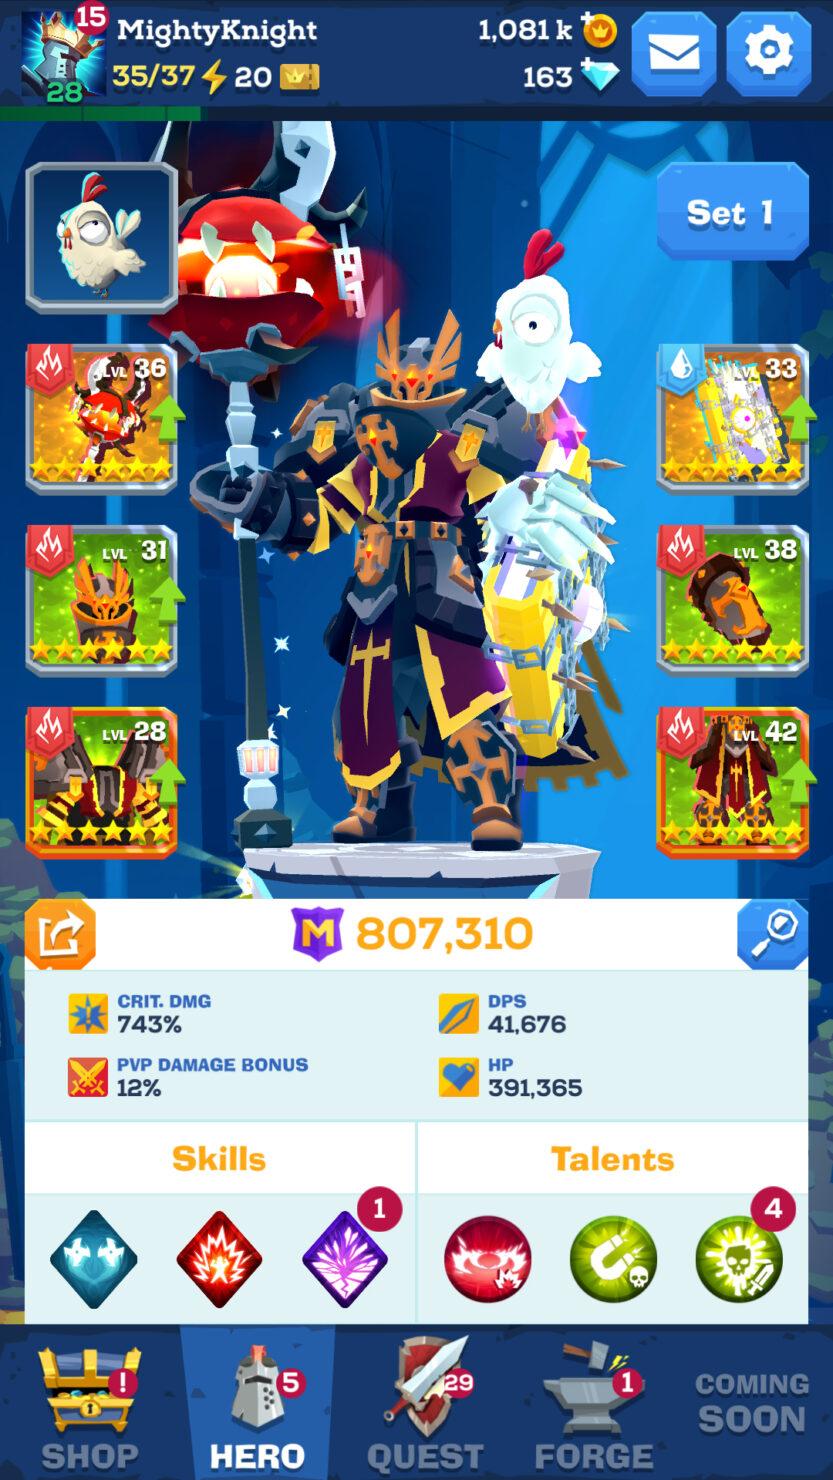 mq_screenshot_hero-gear_en